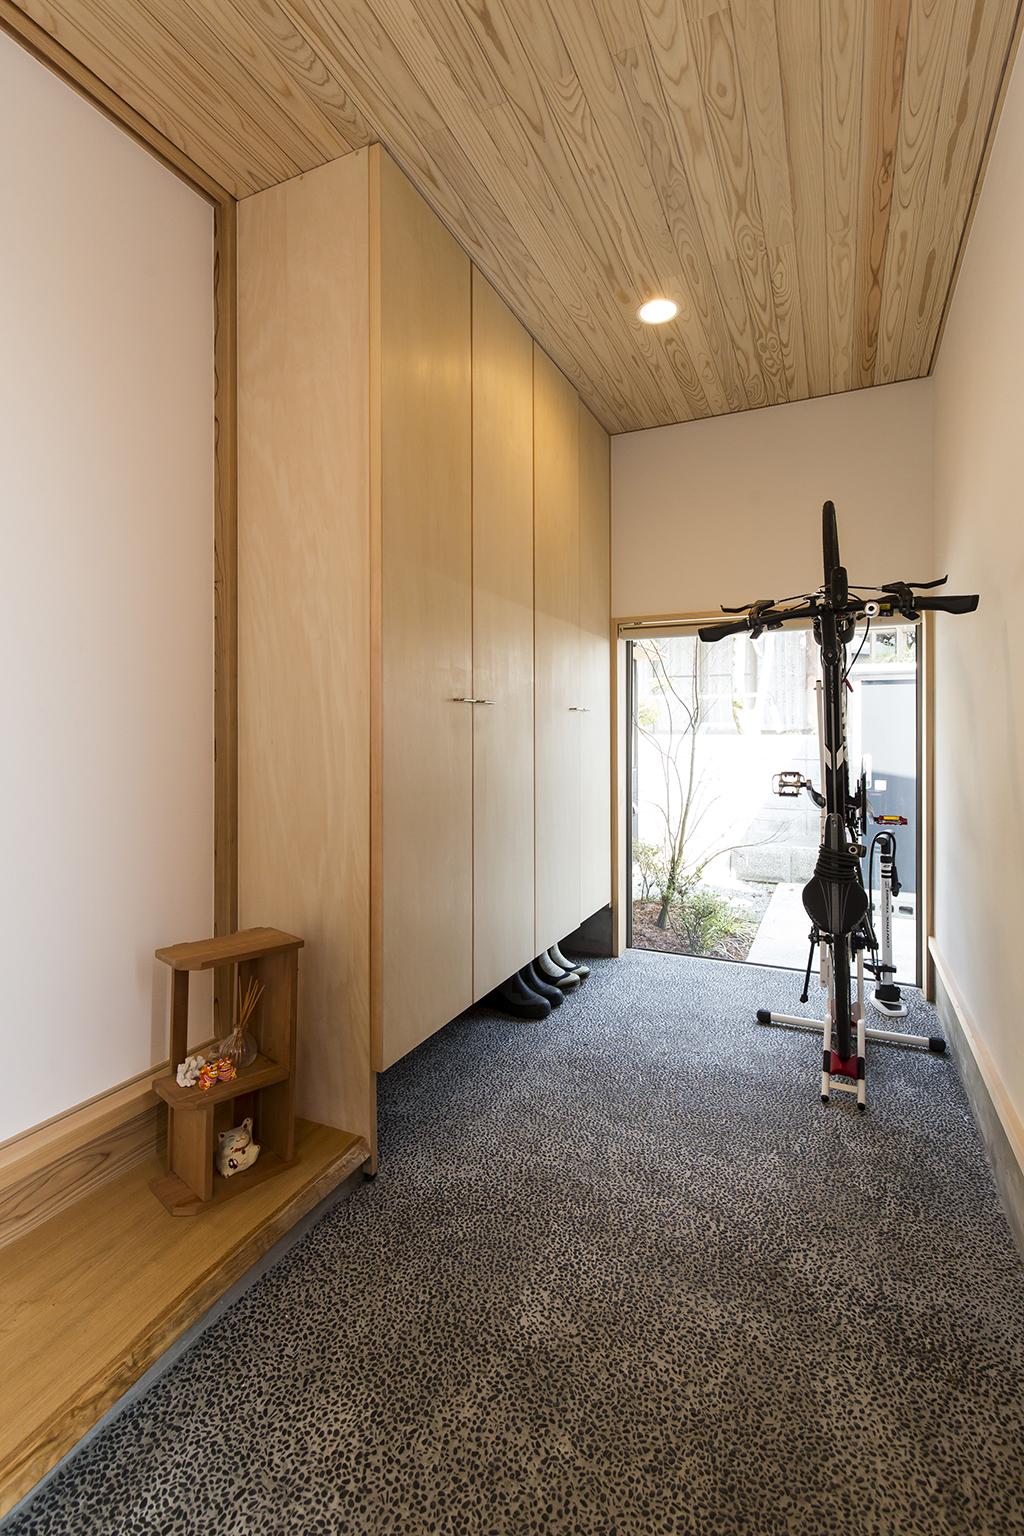 姫路市の木の家 洗い出しの土間の玄関